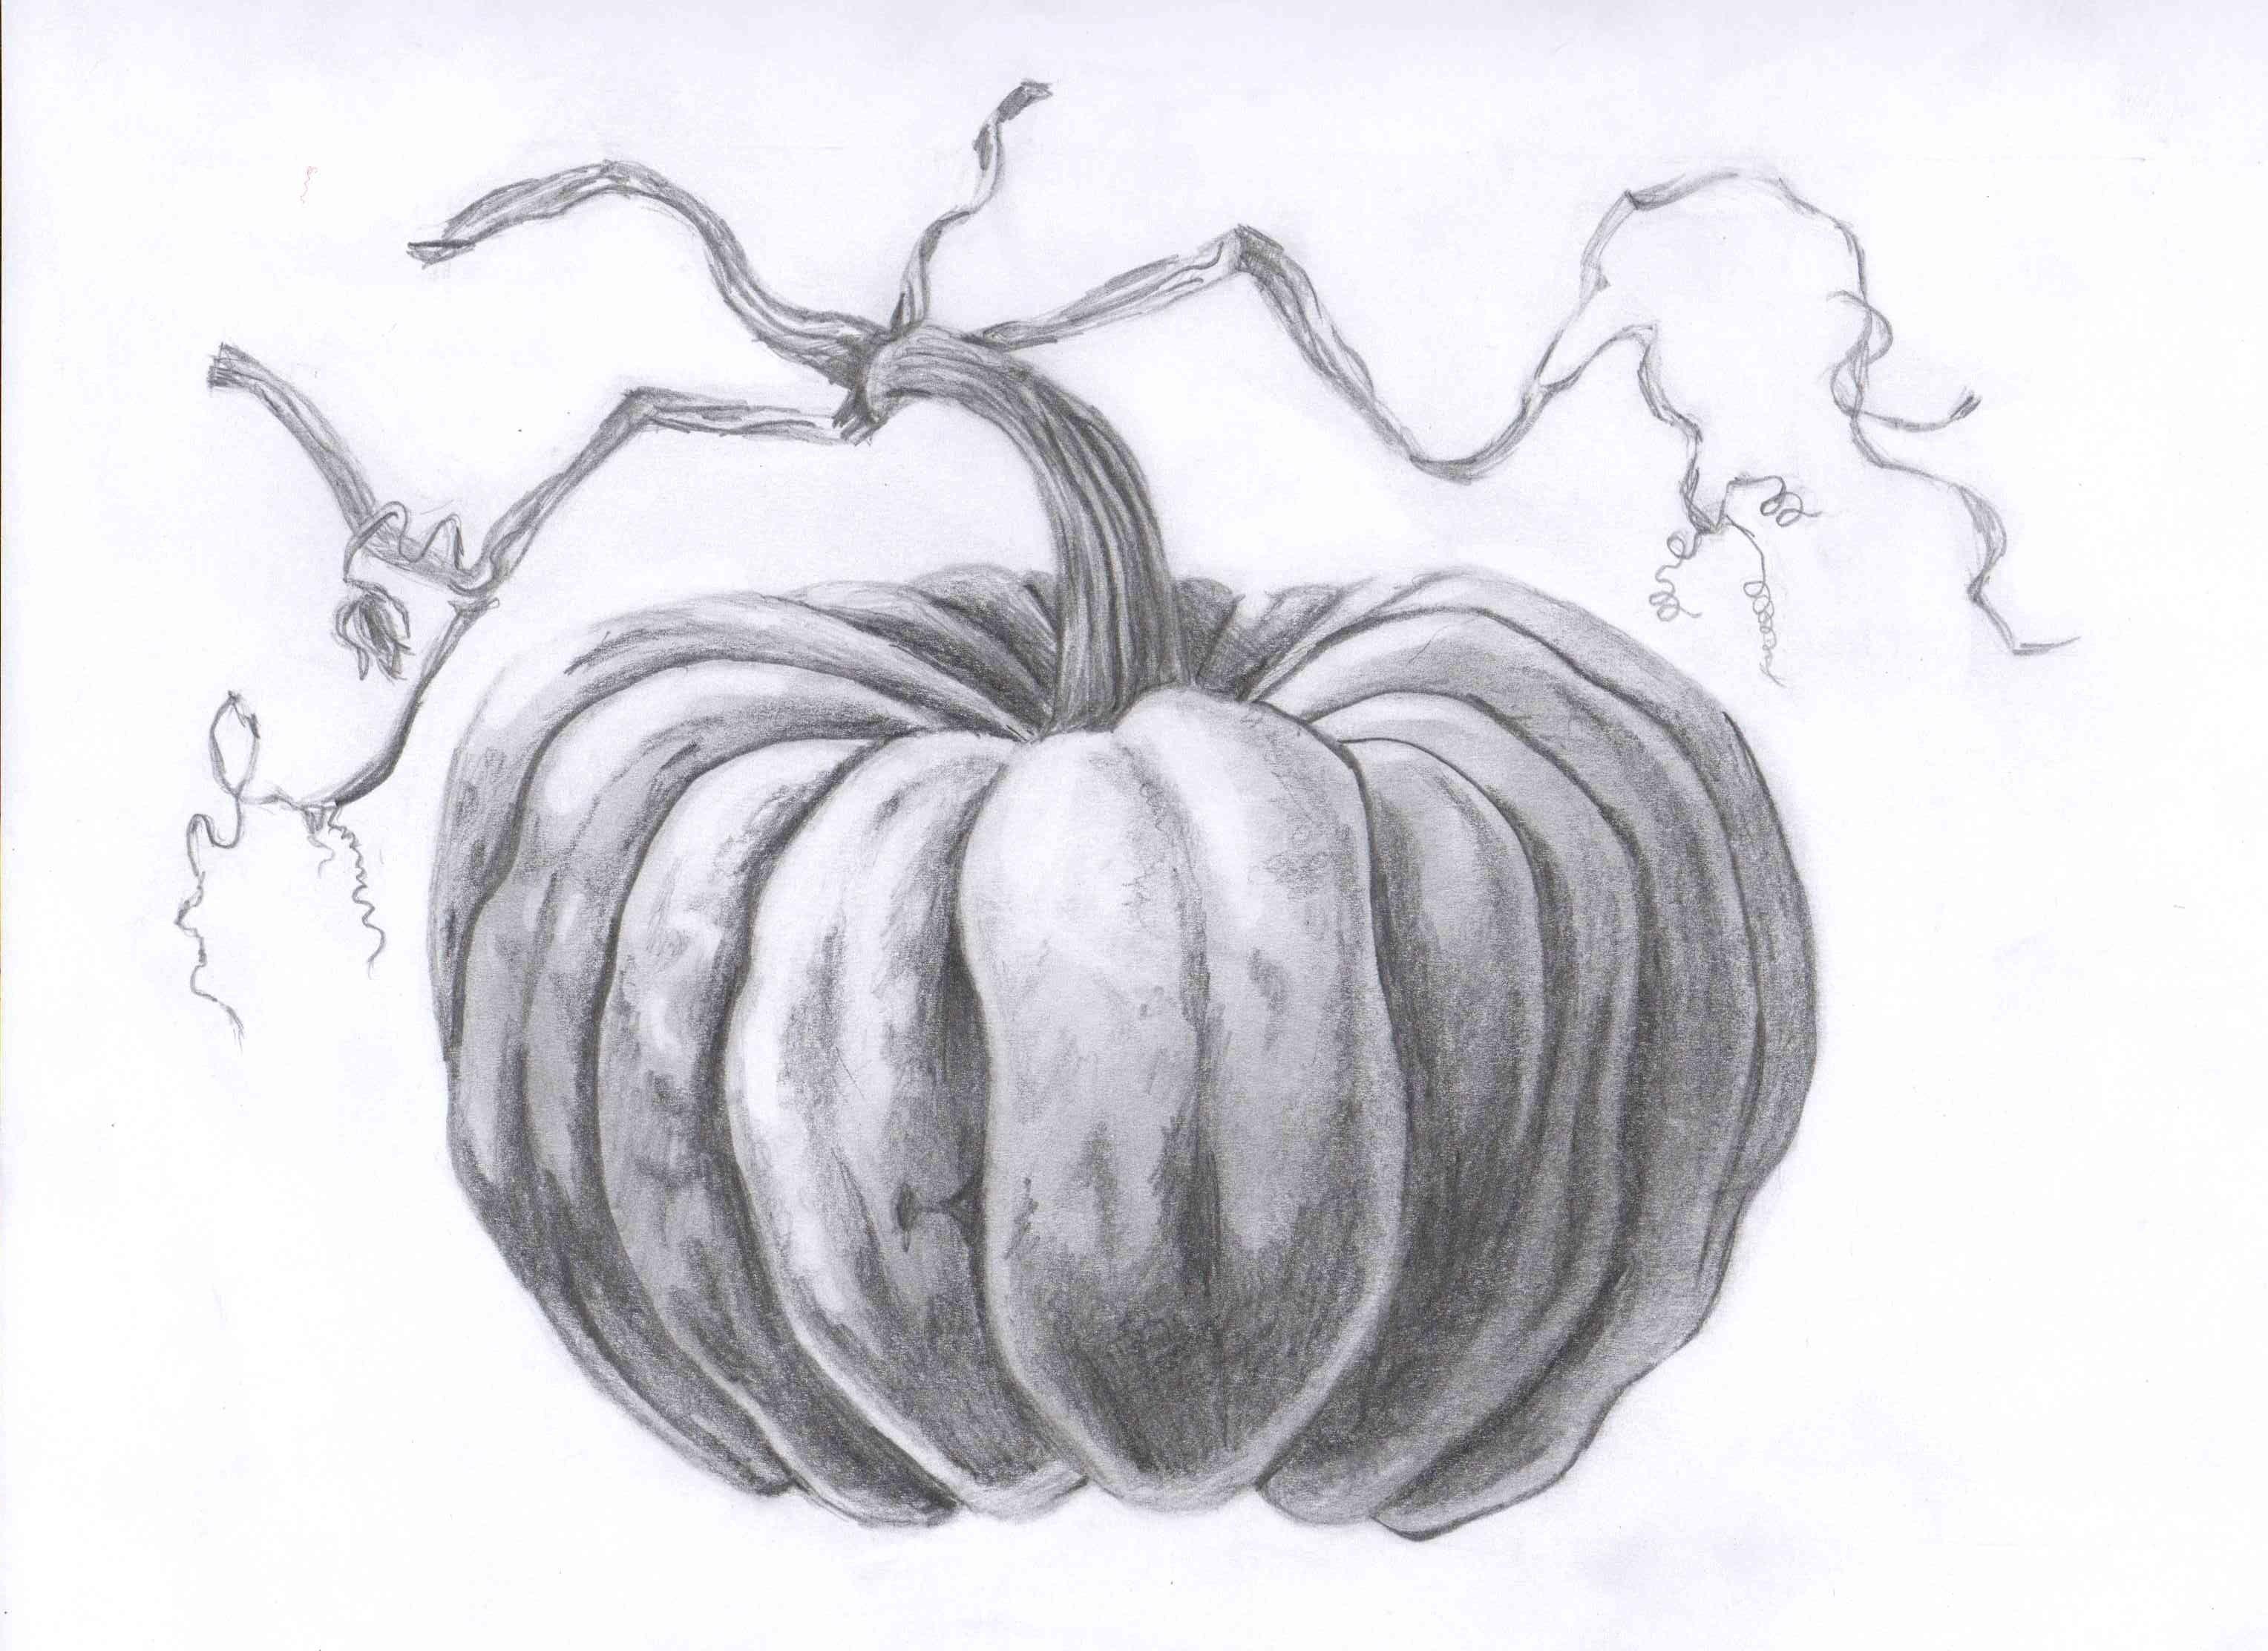 20+ Pumpkin ideas | pumpkin drawing, pumpkin, pumpkin sketch